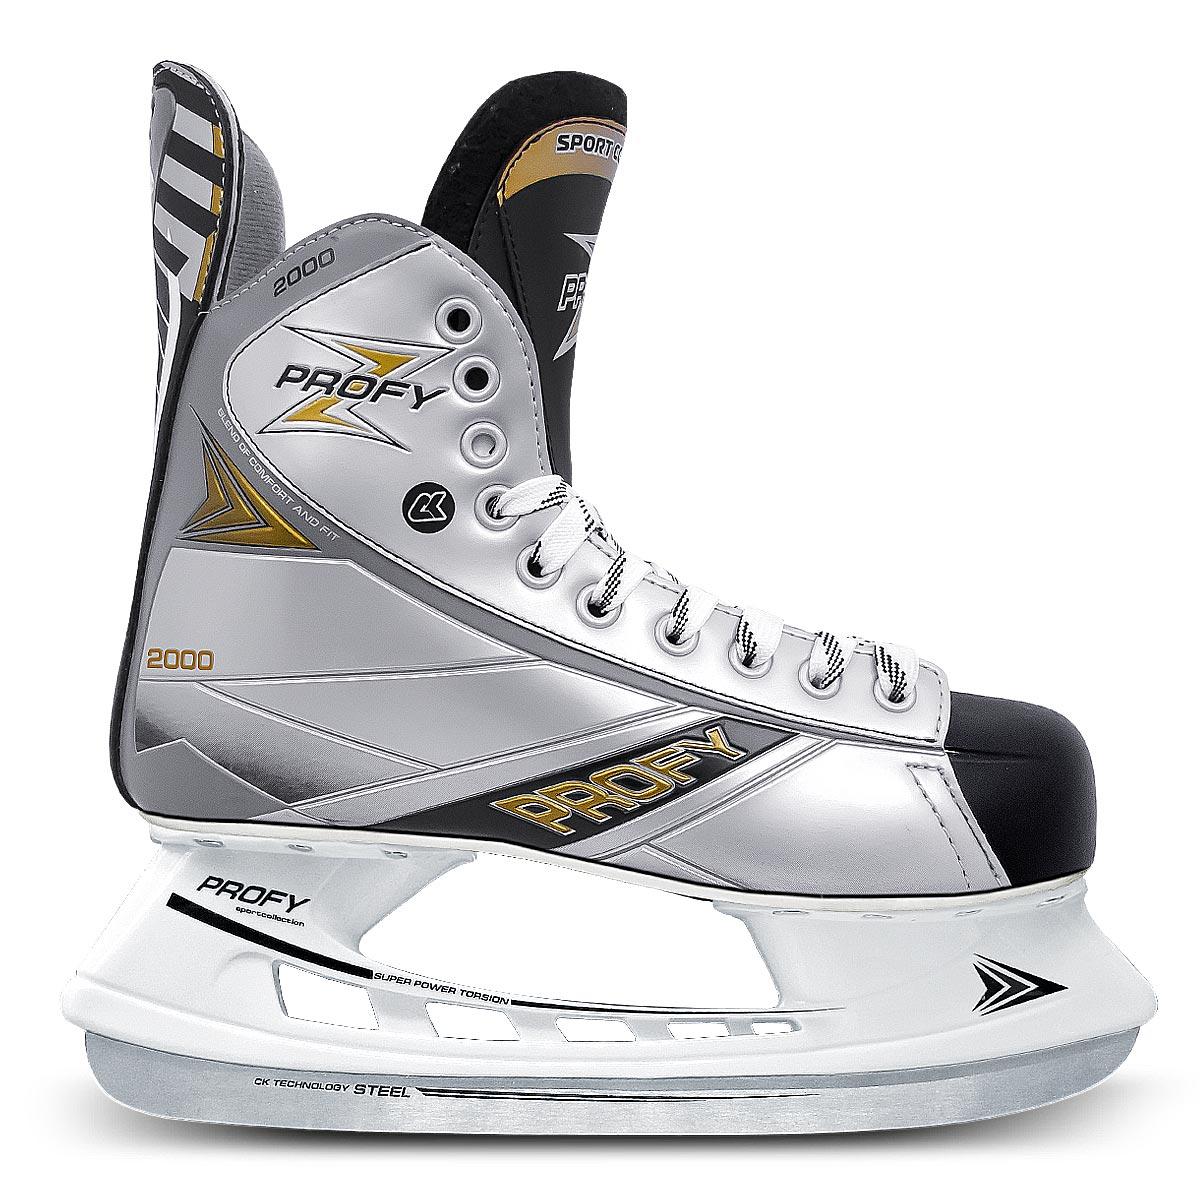 Коньки хоккейные для мальчика СК Profy Z 2000, цвет: черный, серый. Размер 35 PROFY Z 2000_черный, серый_35